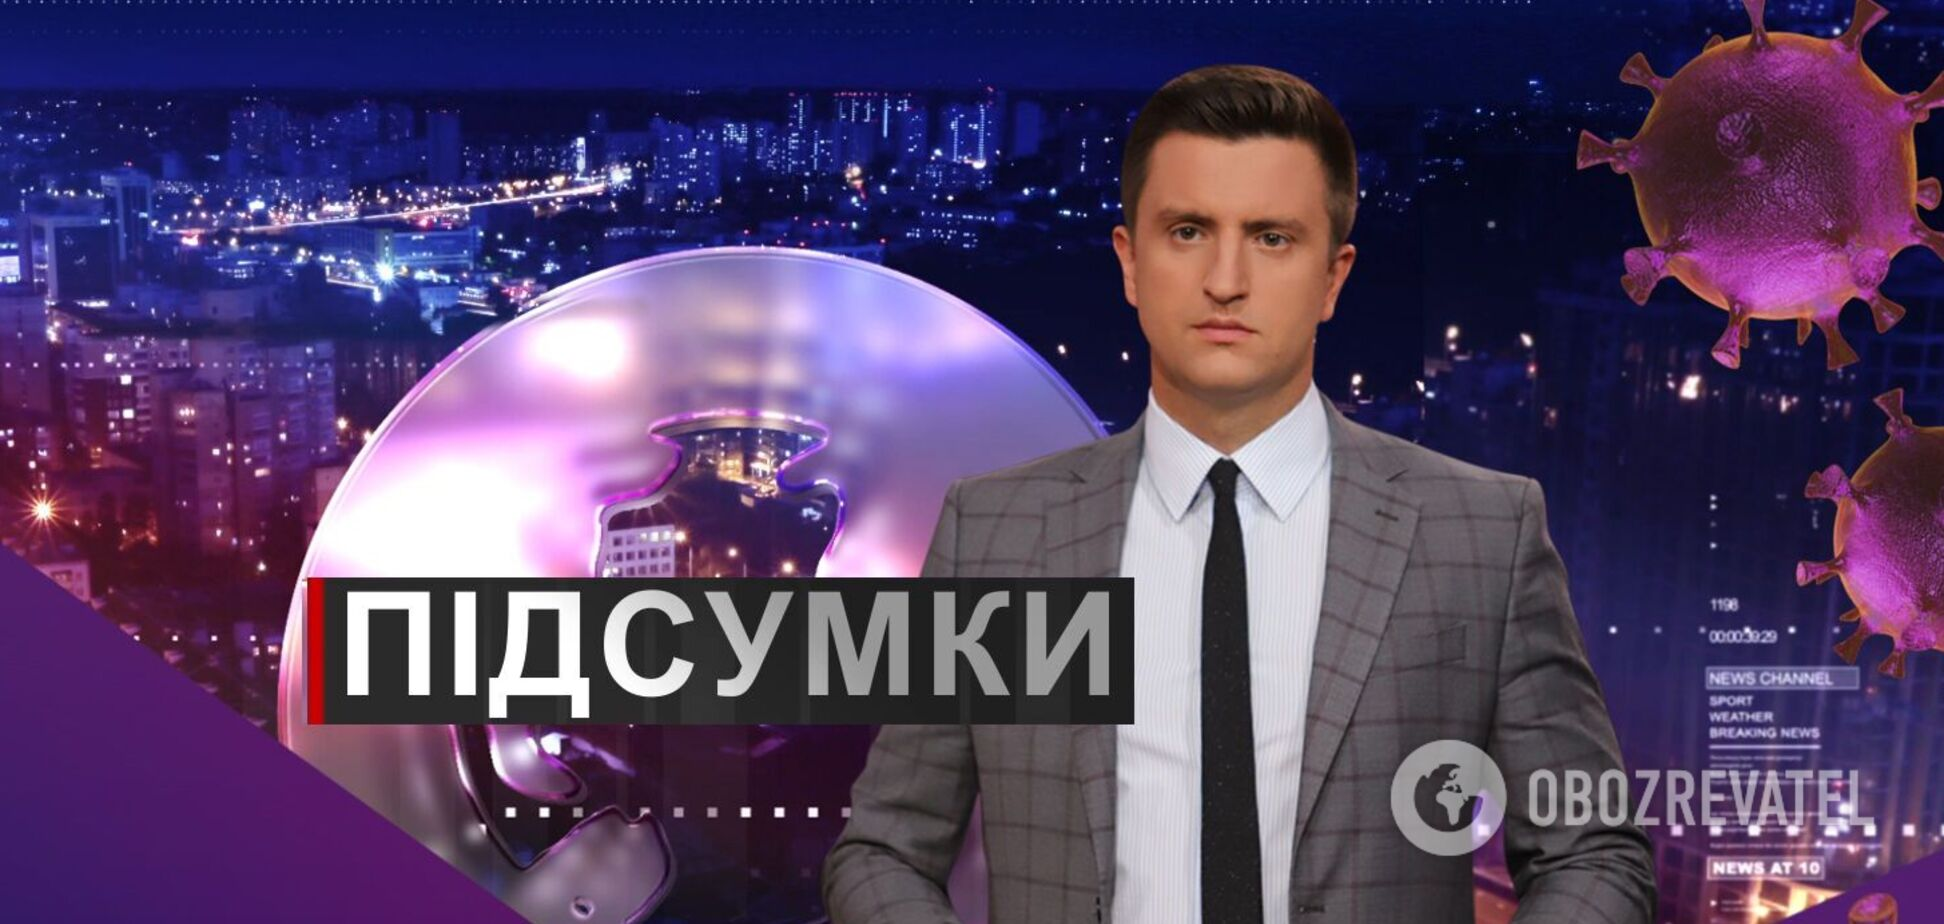 Підсумки дня з Вадимом Колодійчуком. П'ятниця, 6 листопада